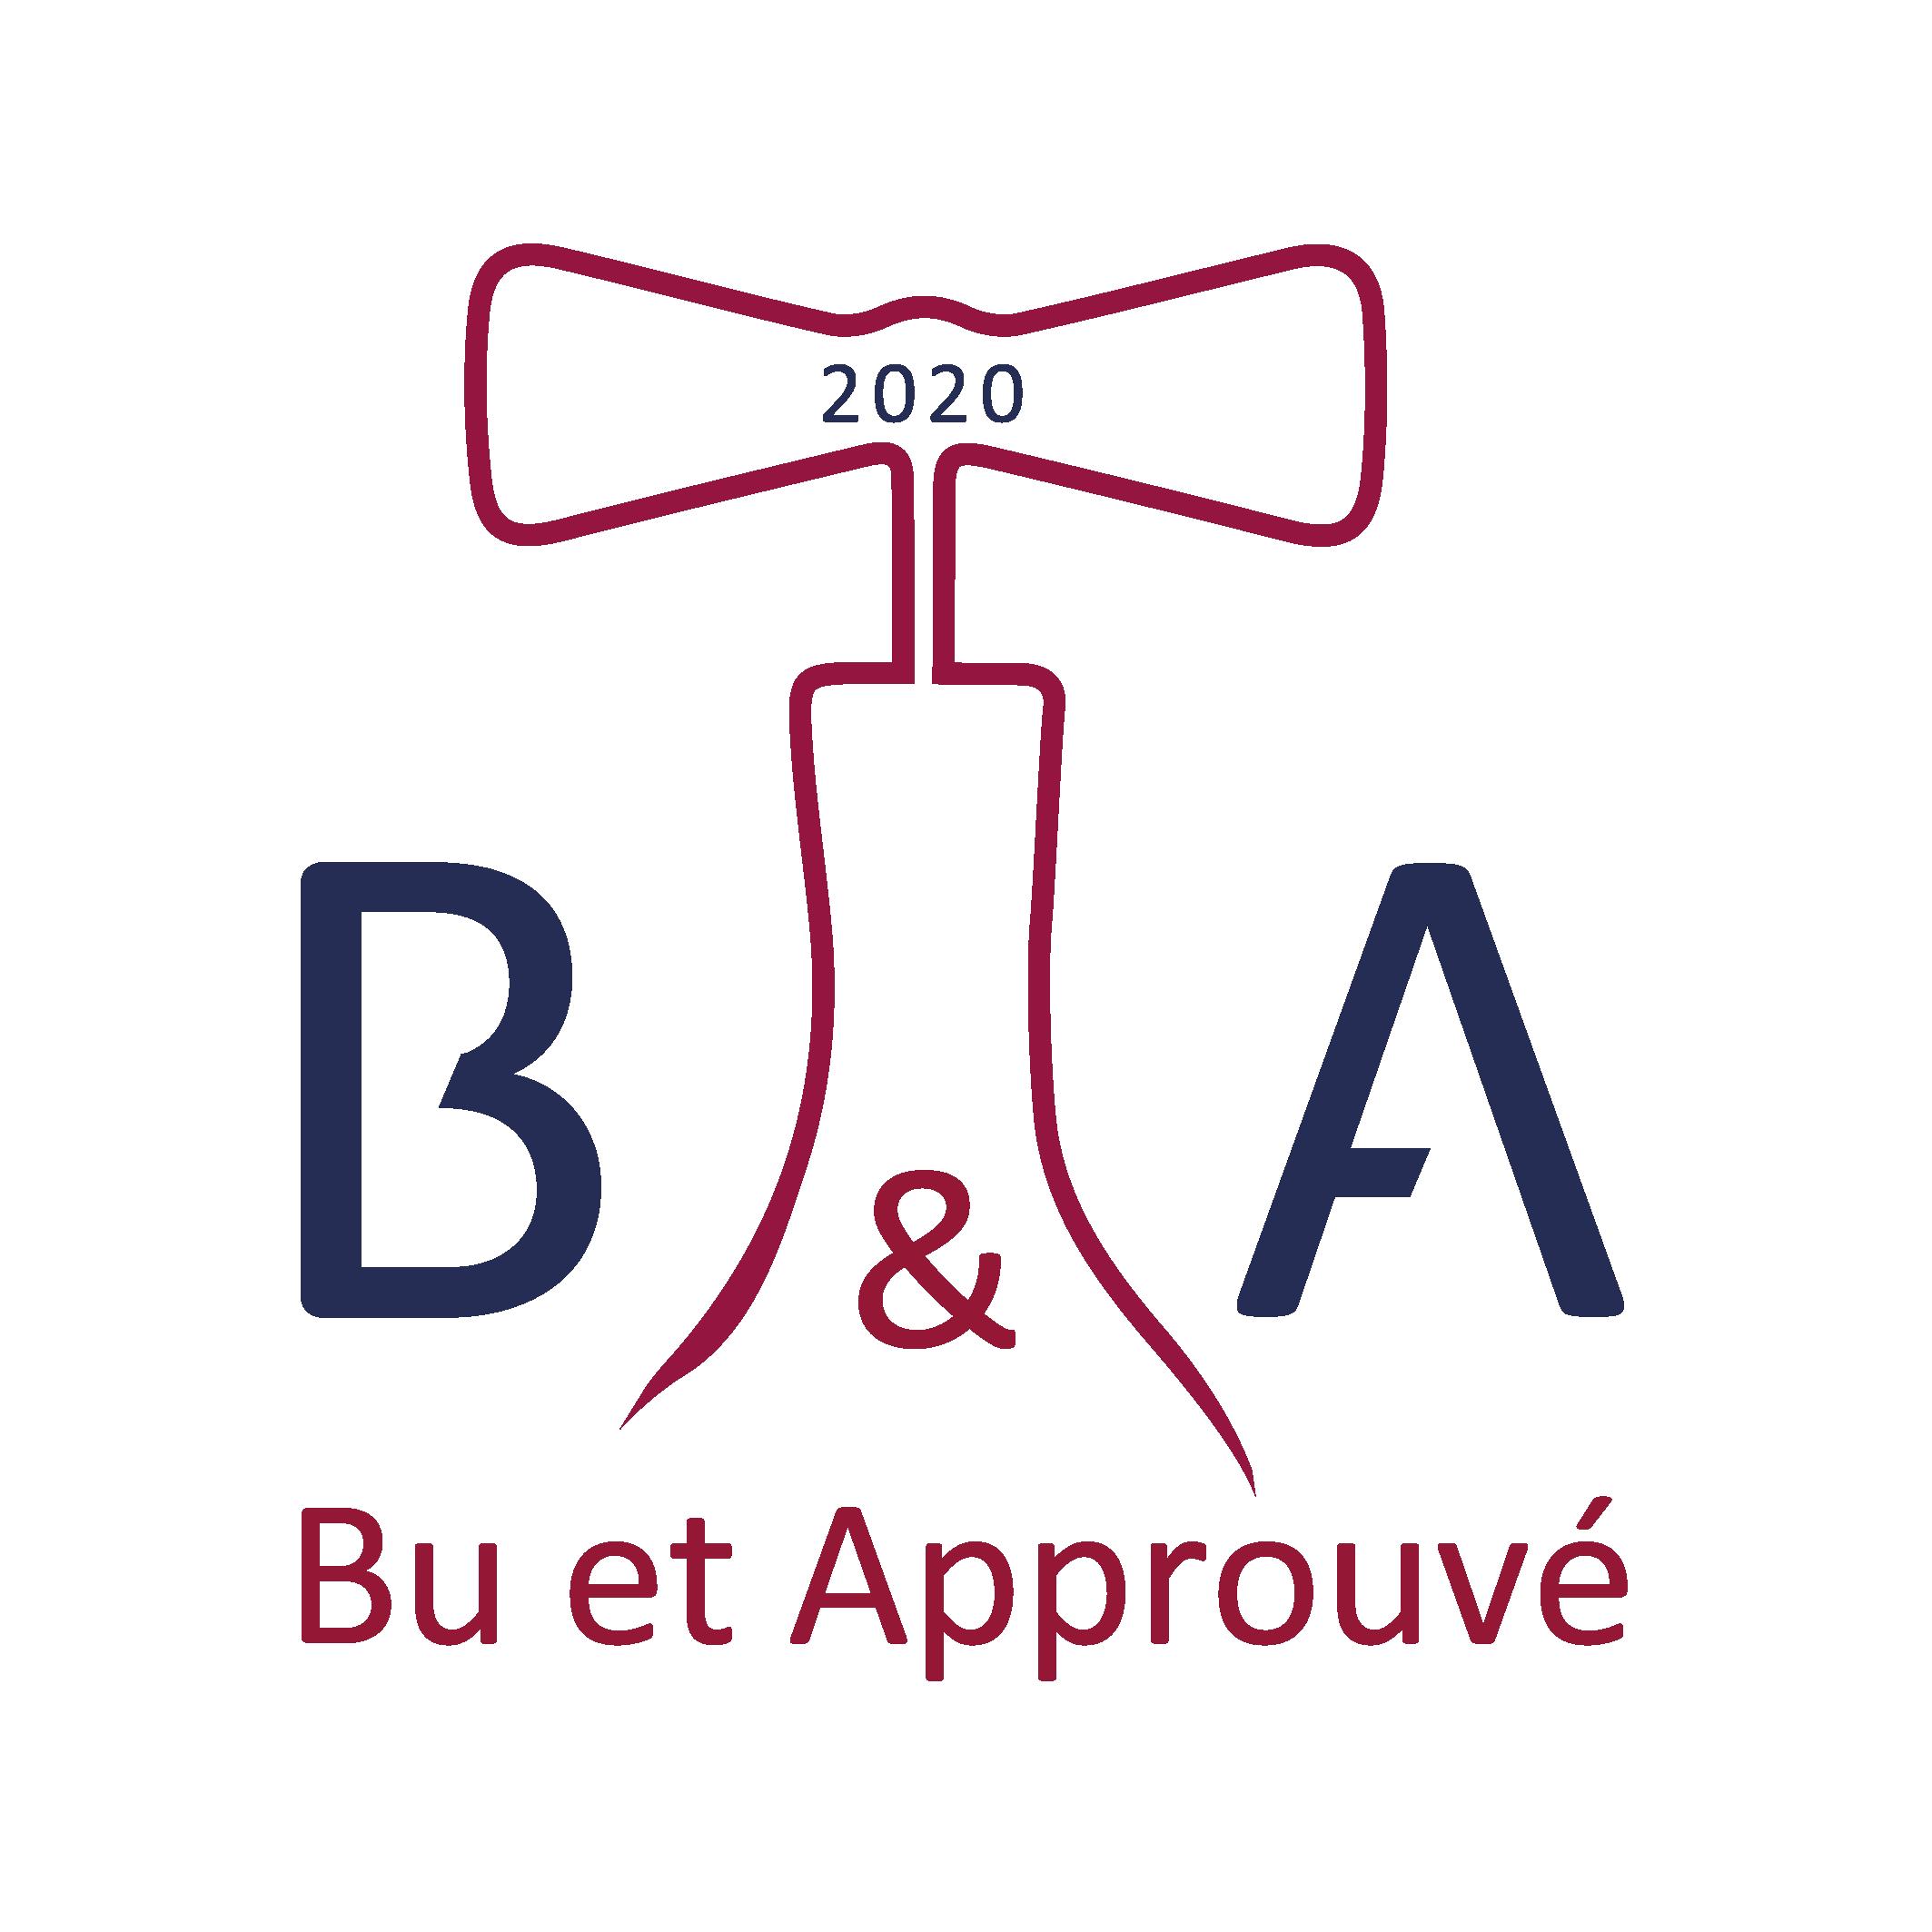 Bu & Approuve